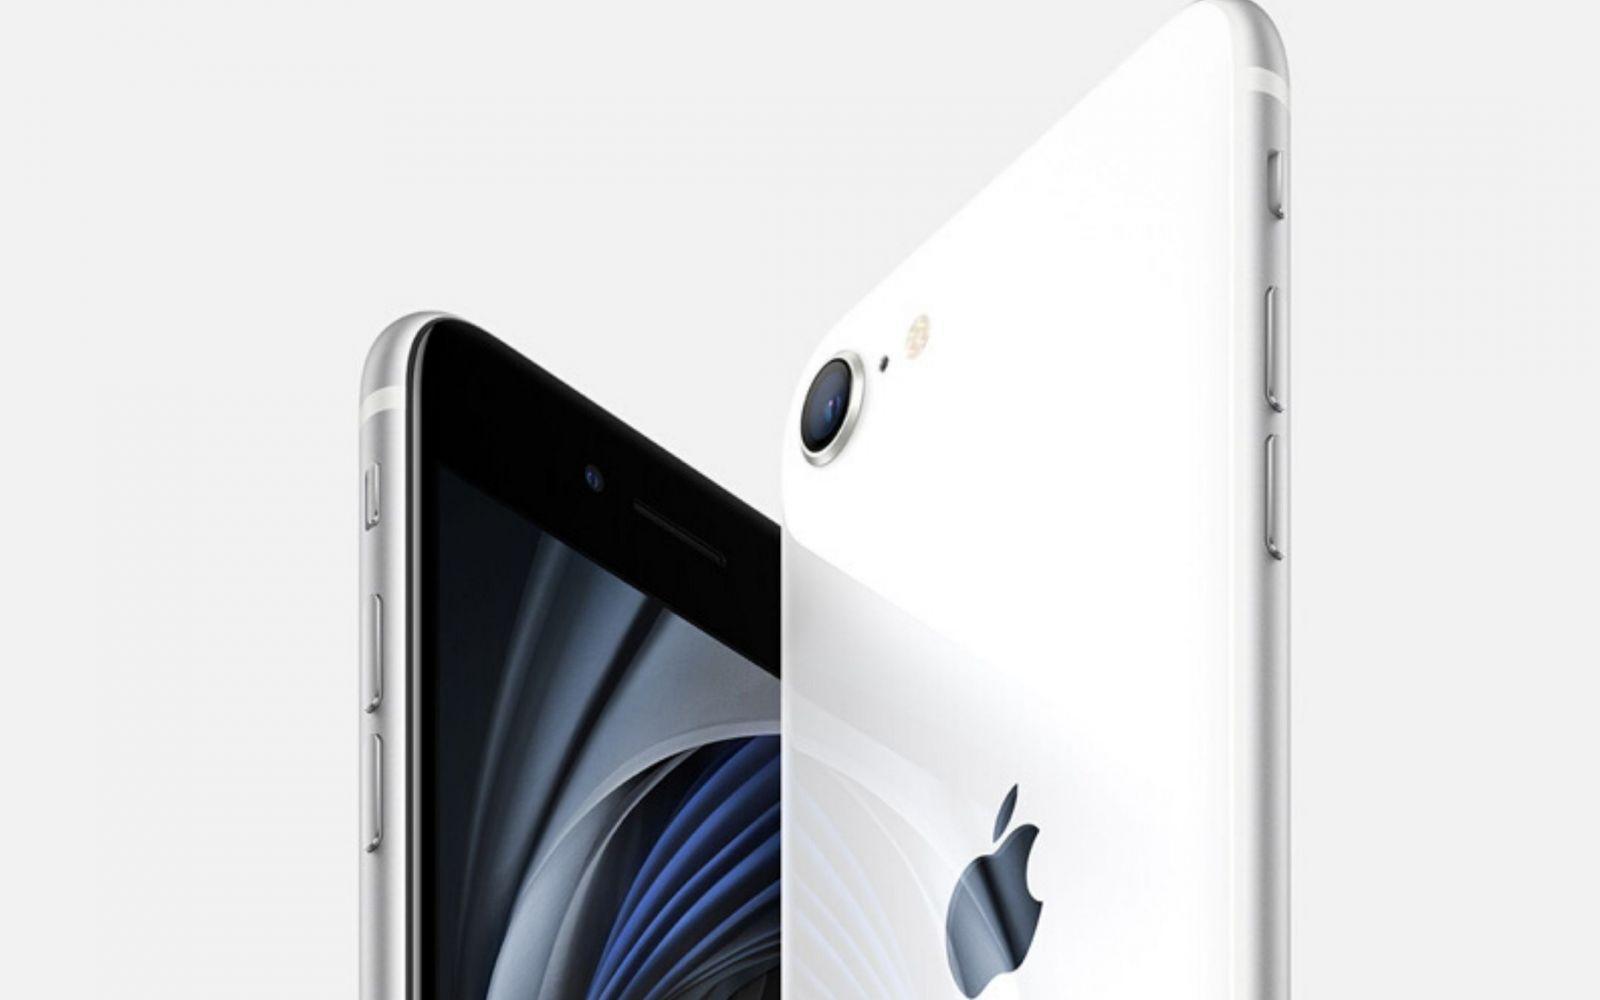 Leak: iPhone SE Plus will receive a 6.1-inch screen